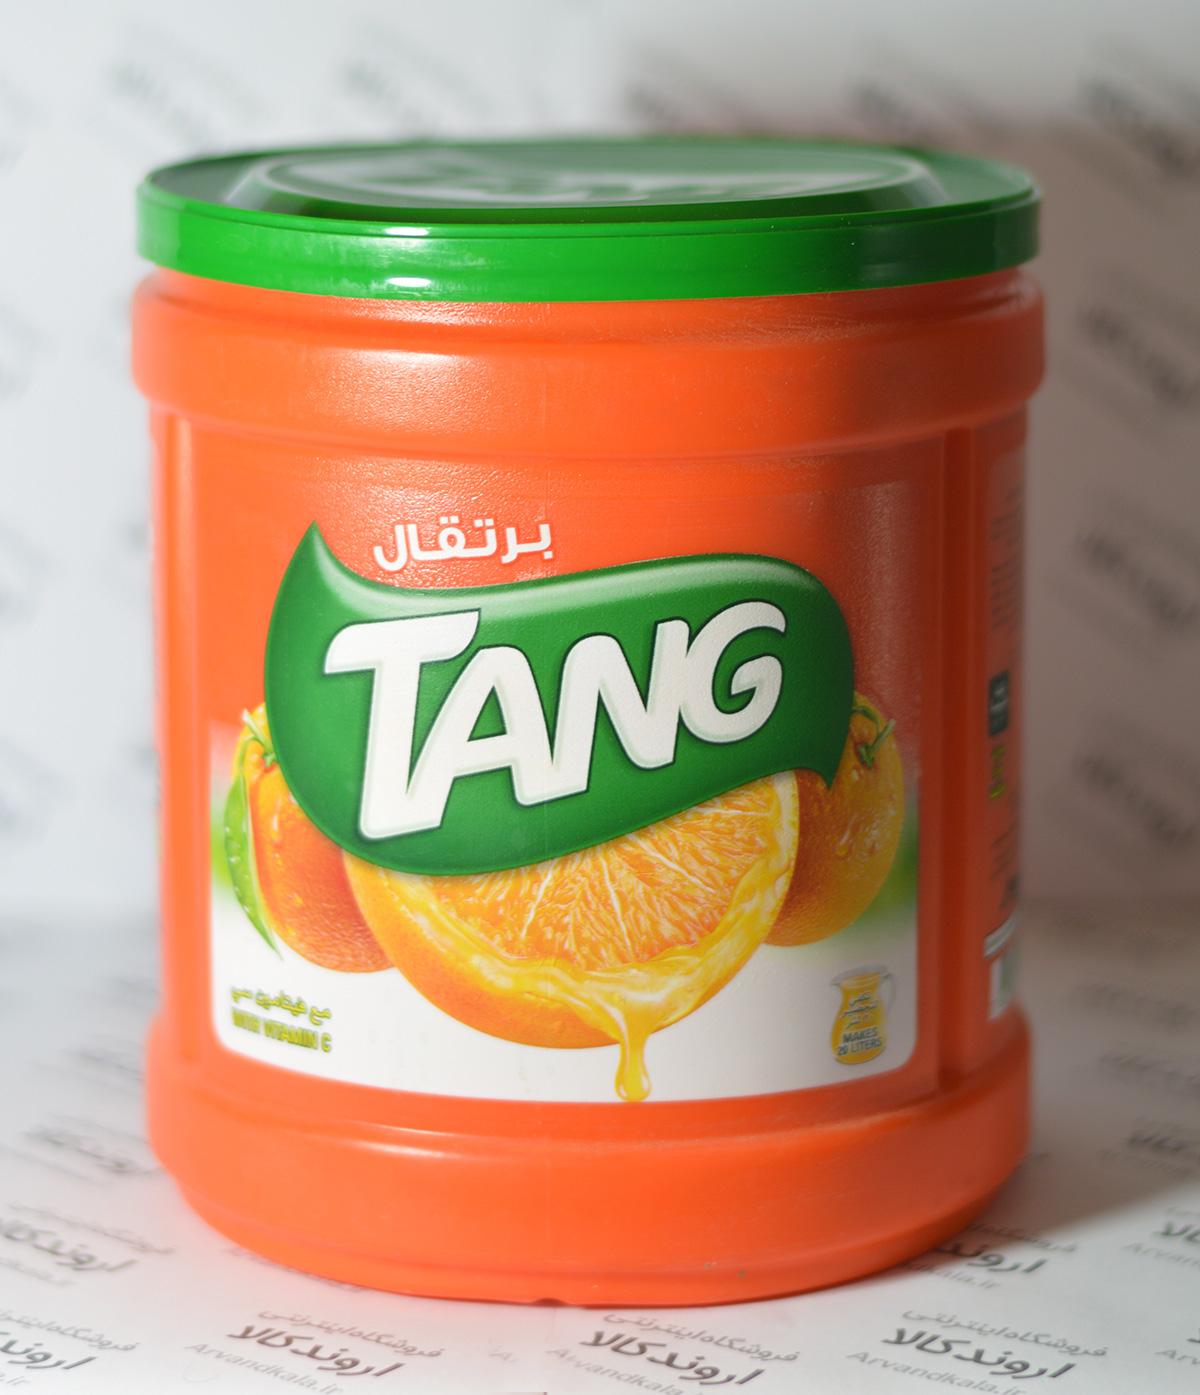 پودر شربت پرتقالی تانج TANG